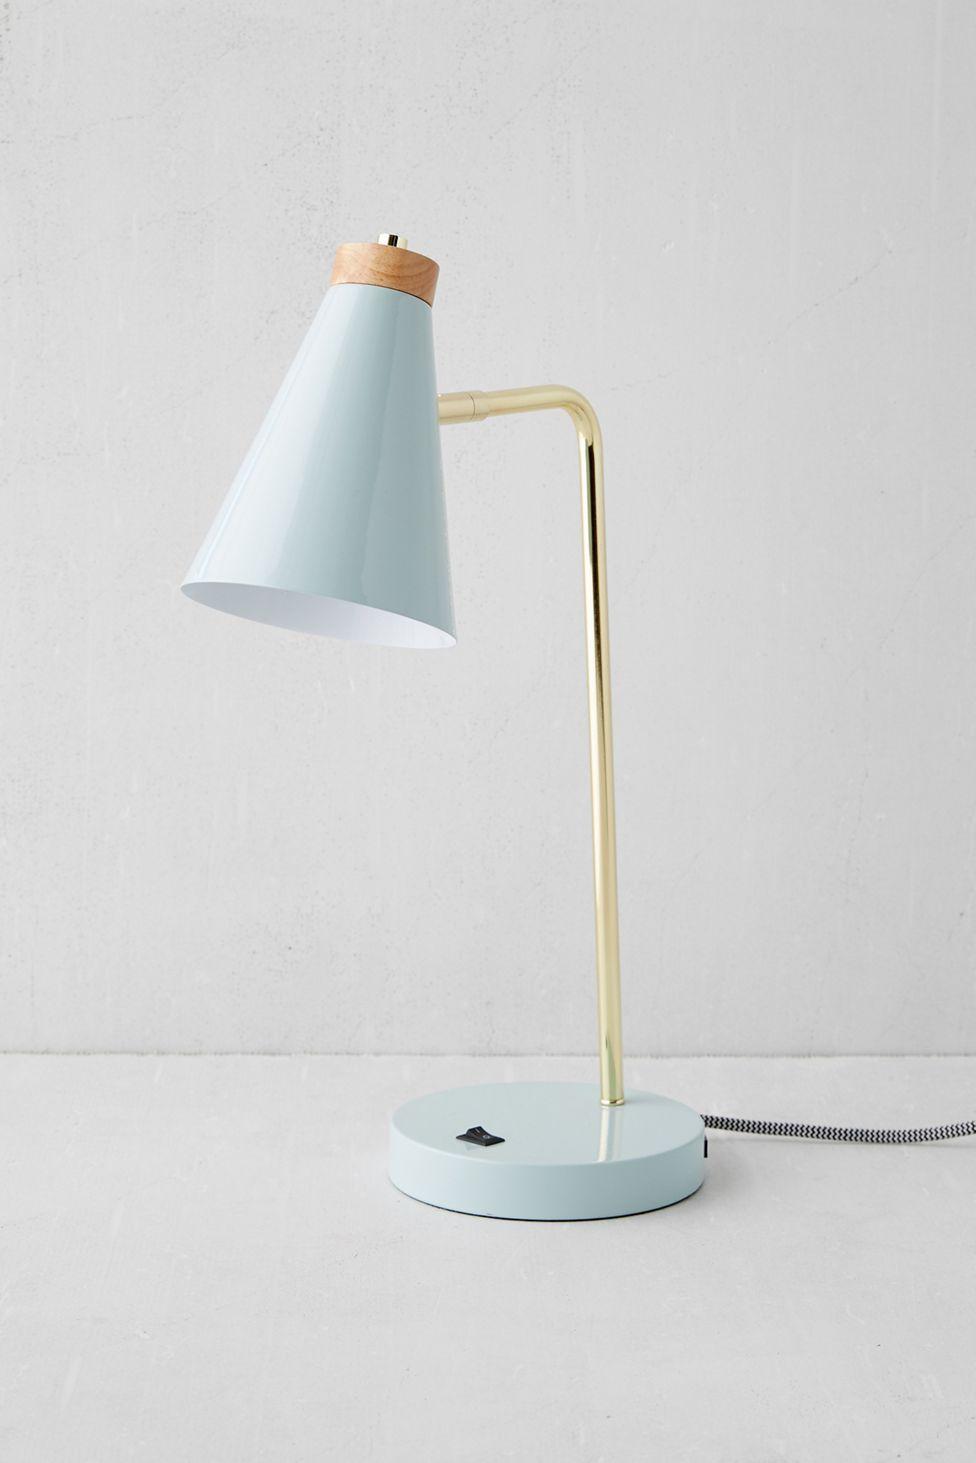 Rye Desk Lamp Desk Lamp Lamp Modernist Desk